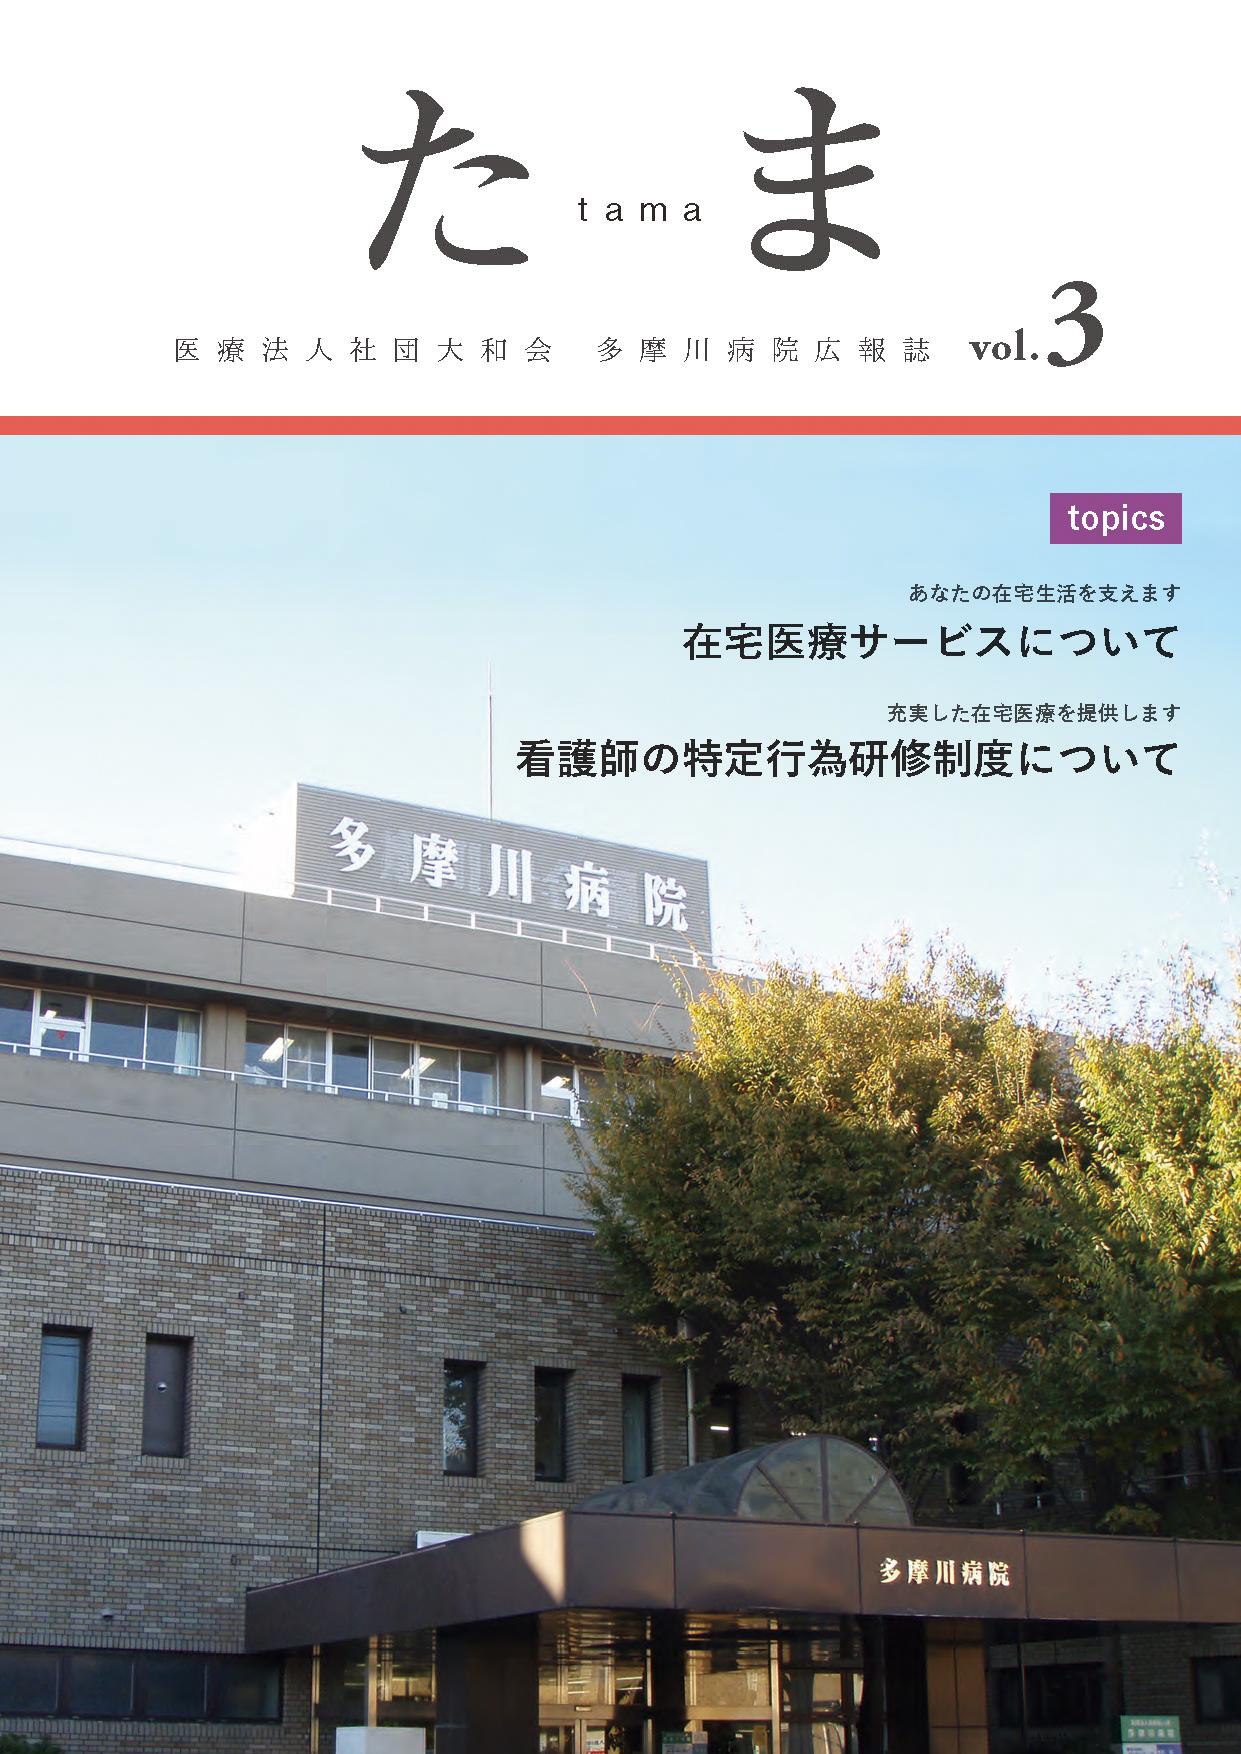 さくら vol.3